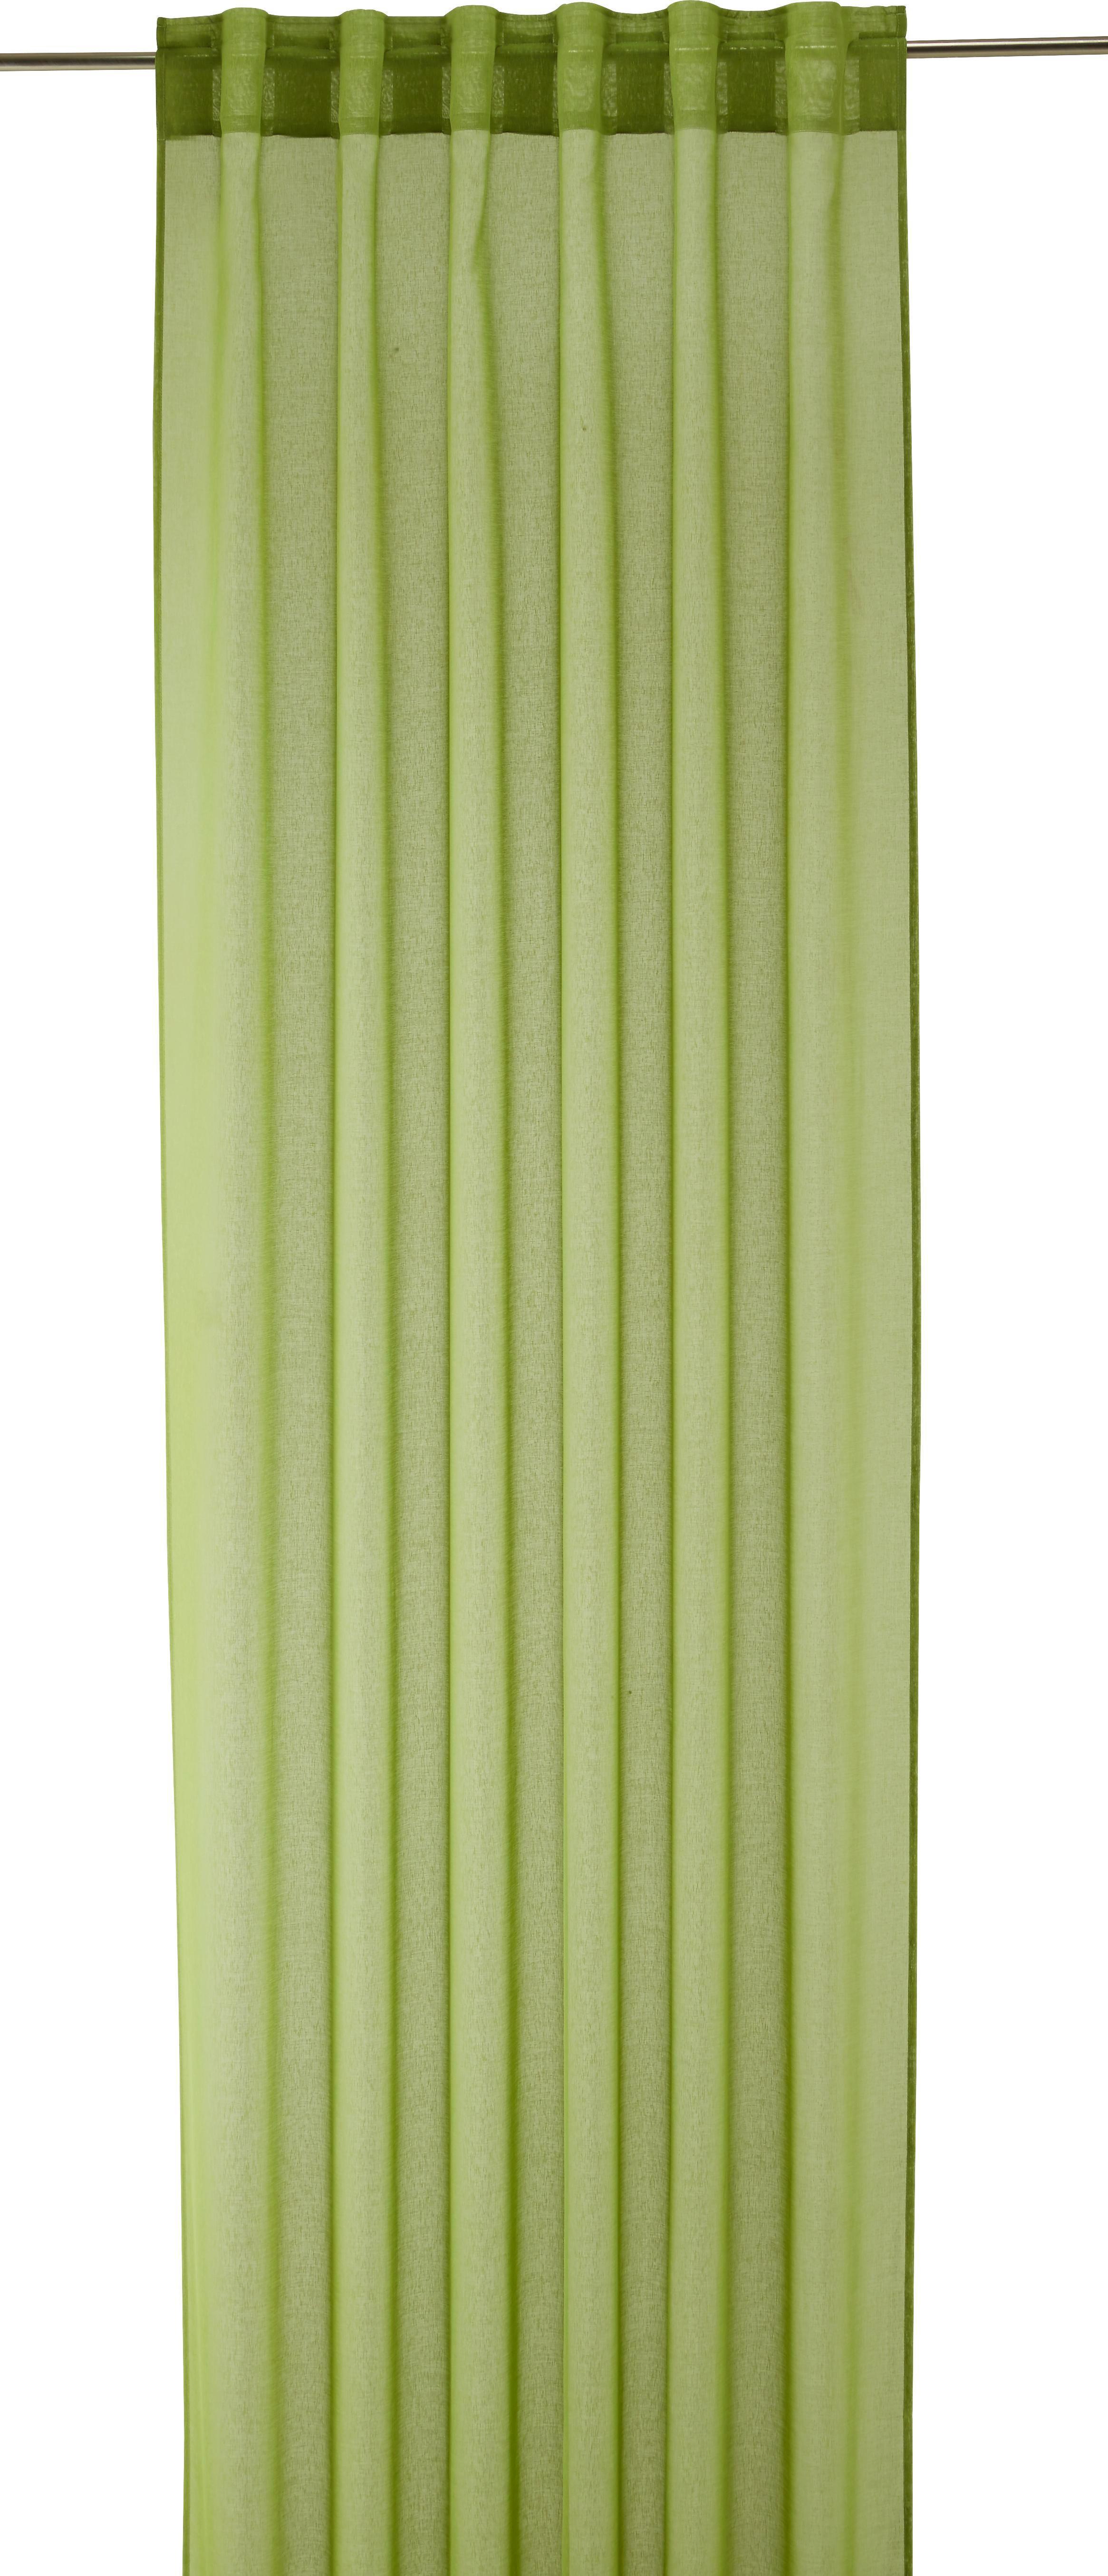 Készfüggöny Tosca - zöld, textil (140/245cm) - MÖMAX modern living